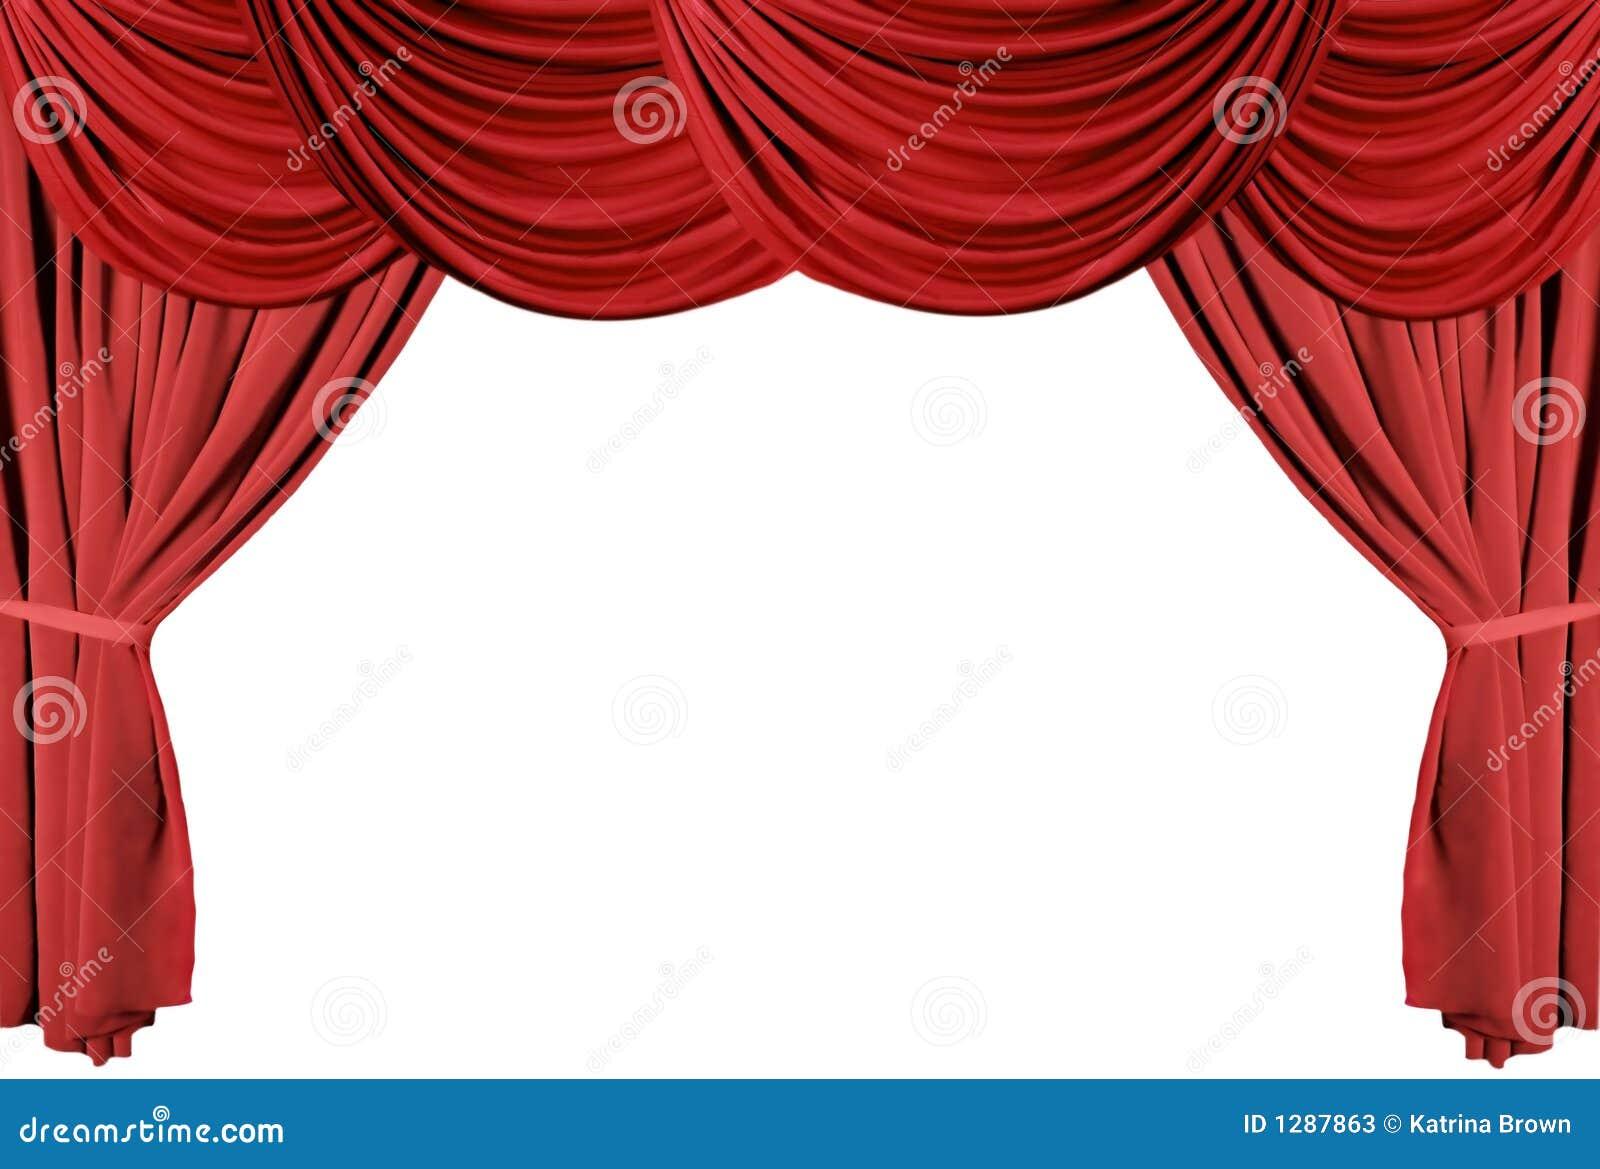 Série Drapée Rouge 3 De Rideaux En Théâtre Image Stock Image Du